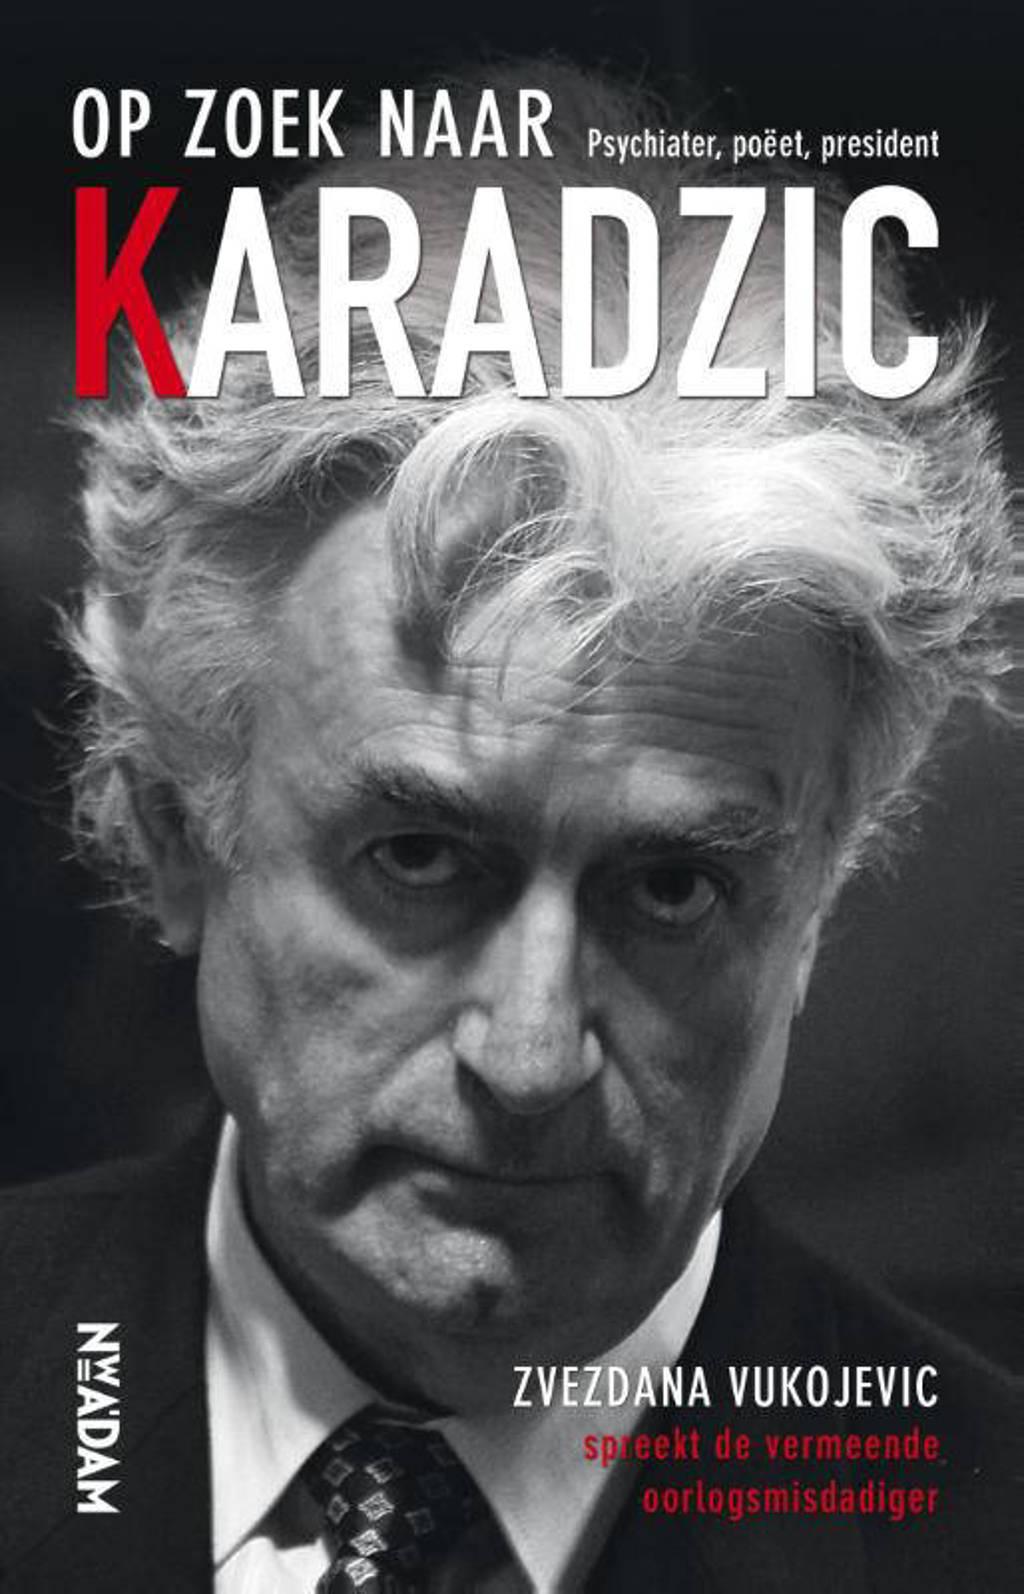 Op zoek naar Karadzic - Zvezdana Vukojevic